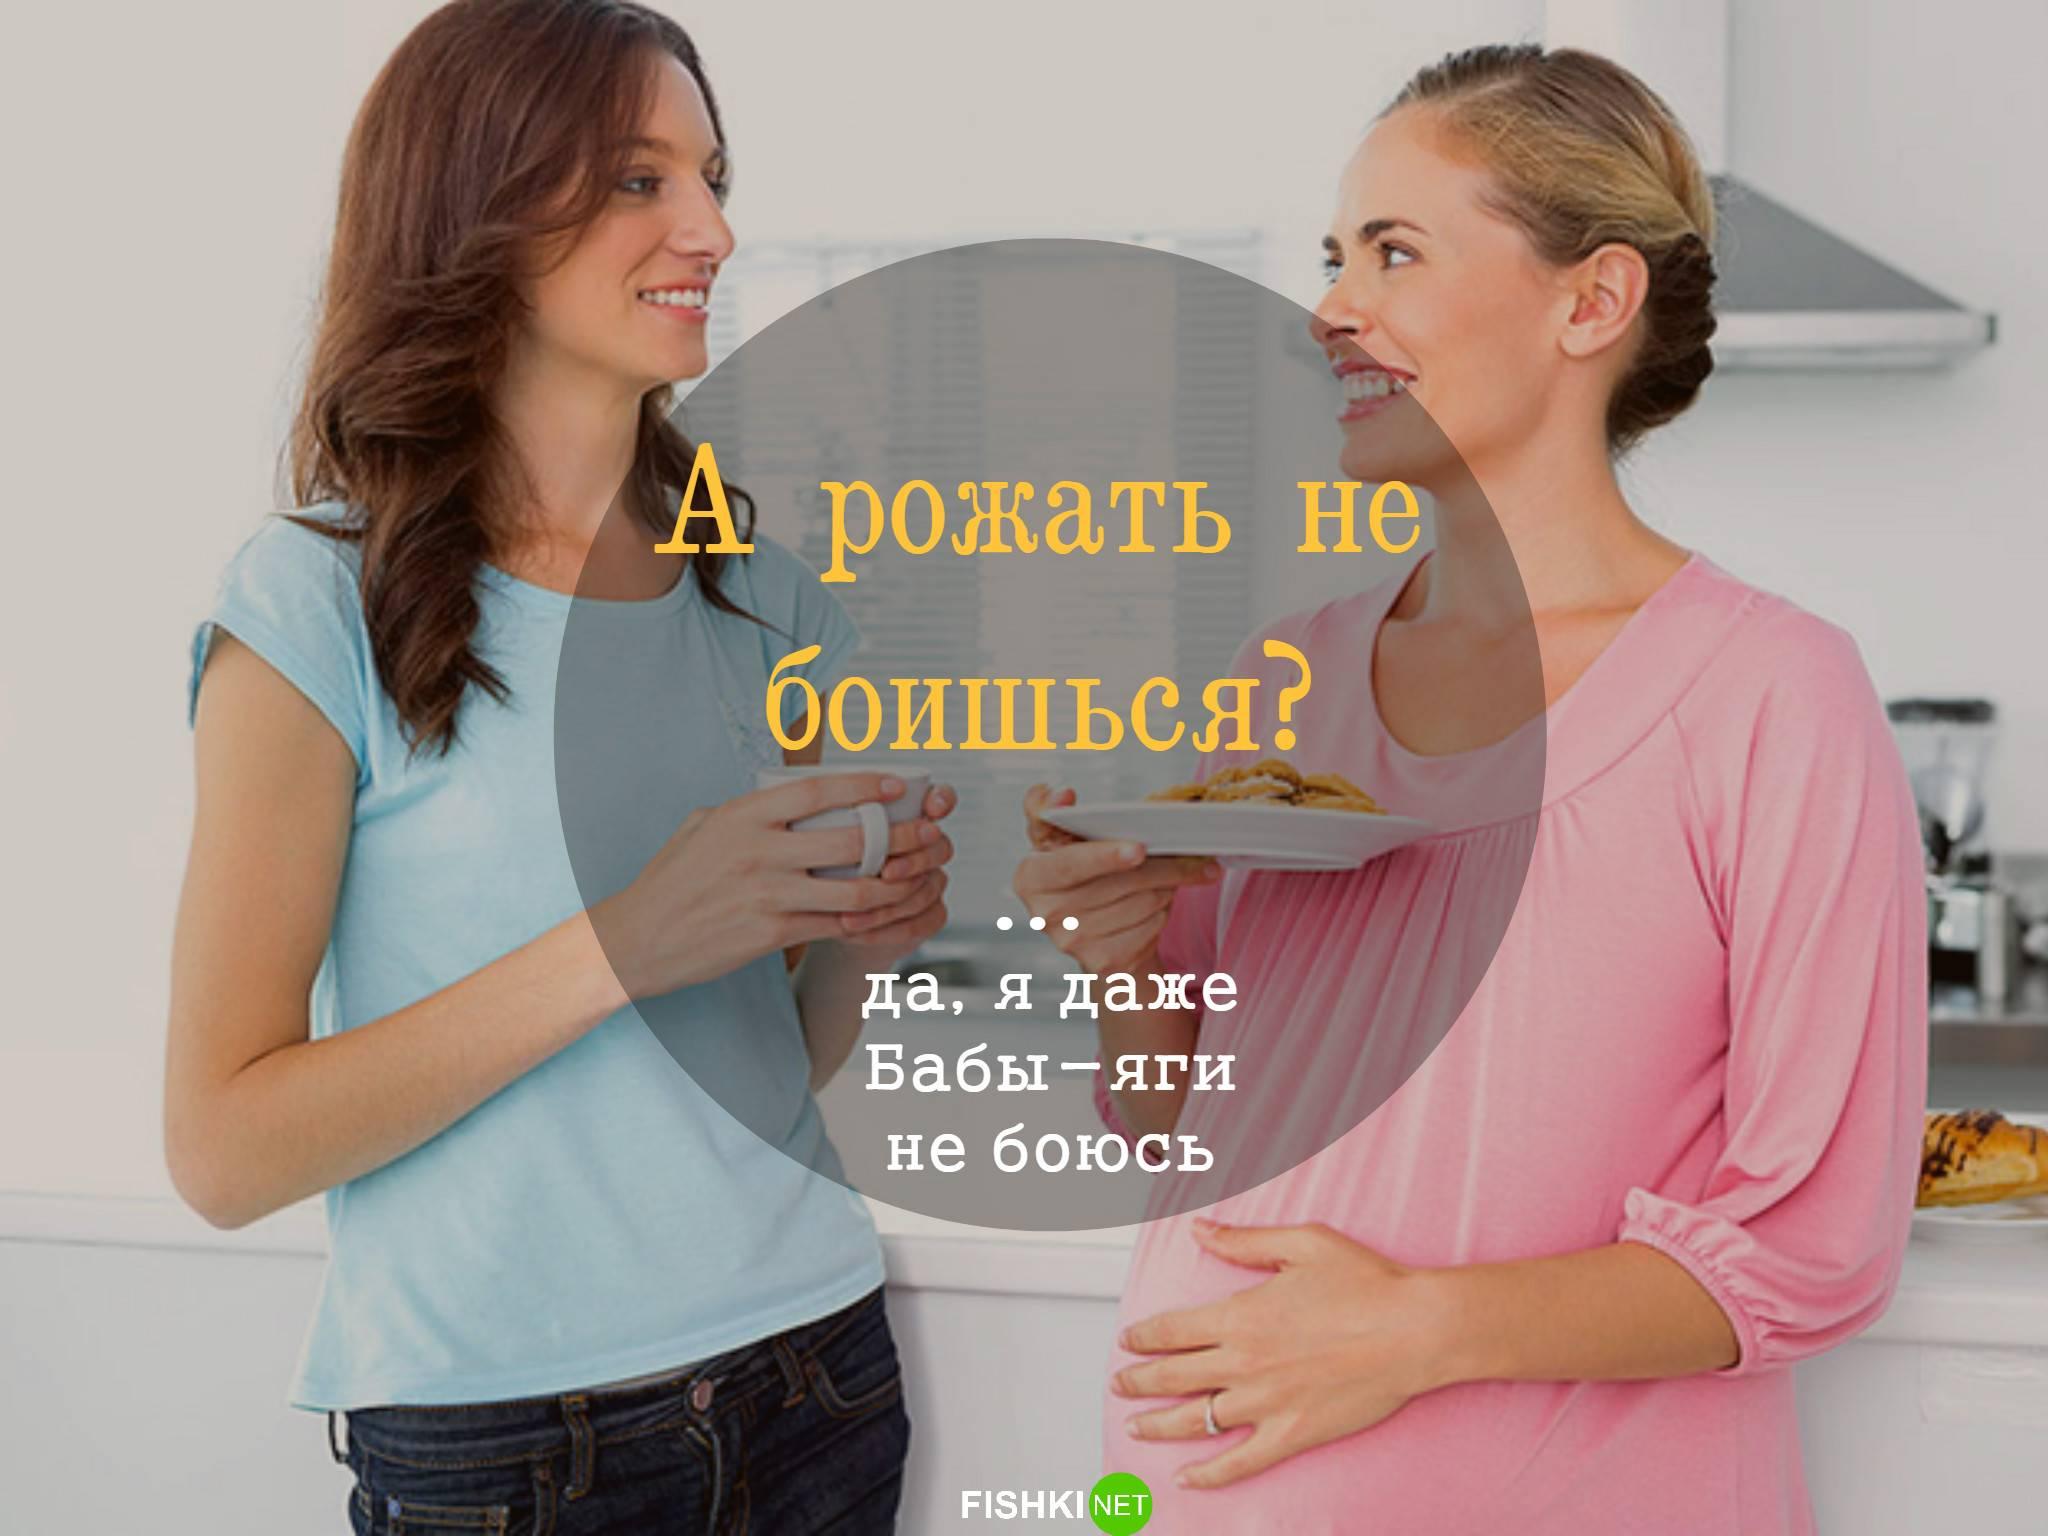 Бездетные: какие фразы не стоит им говорить: новости, семья, беременность, психология, общение, дети